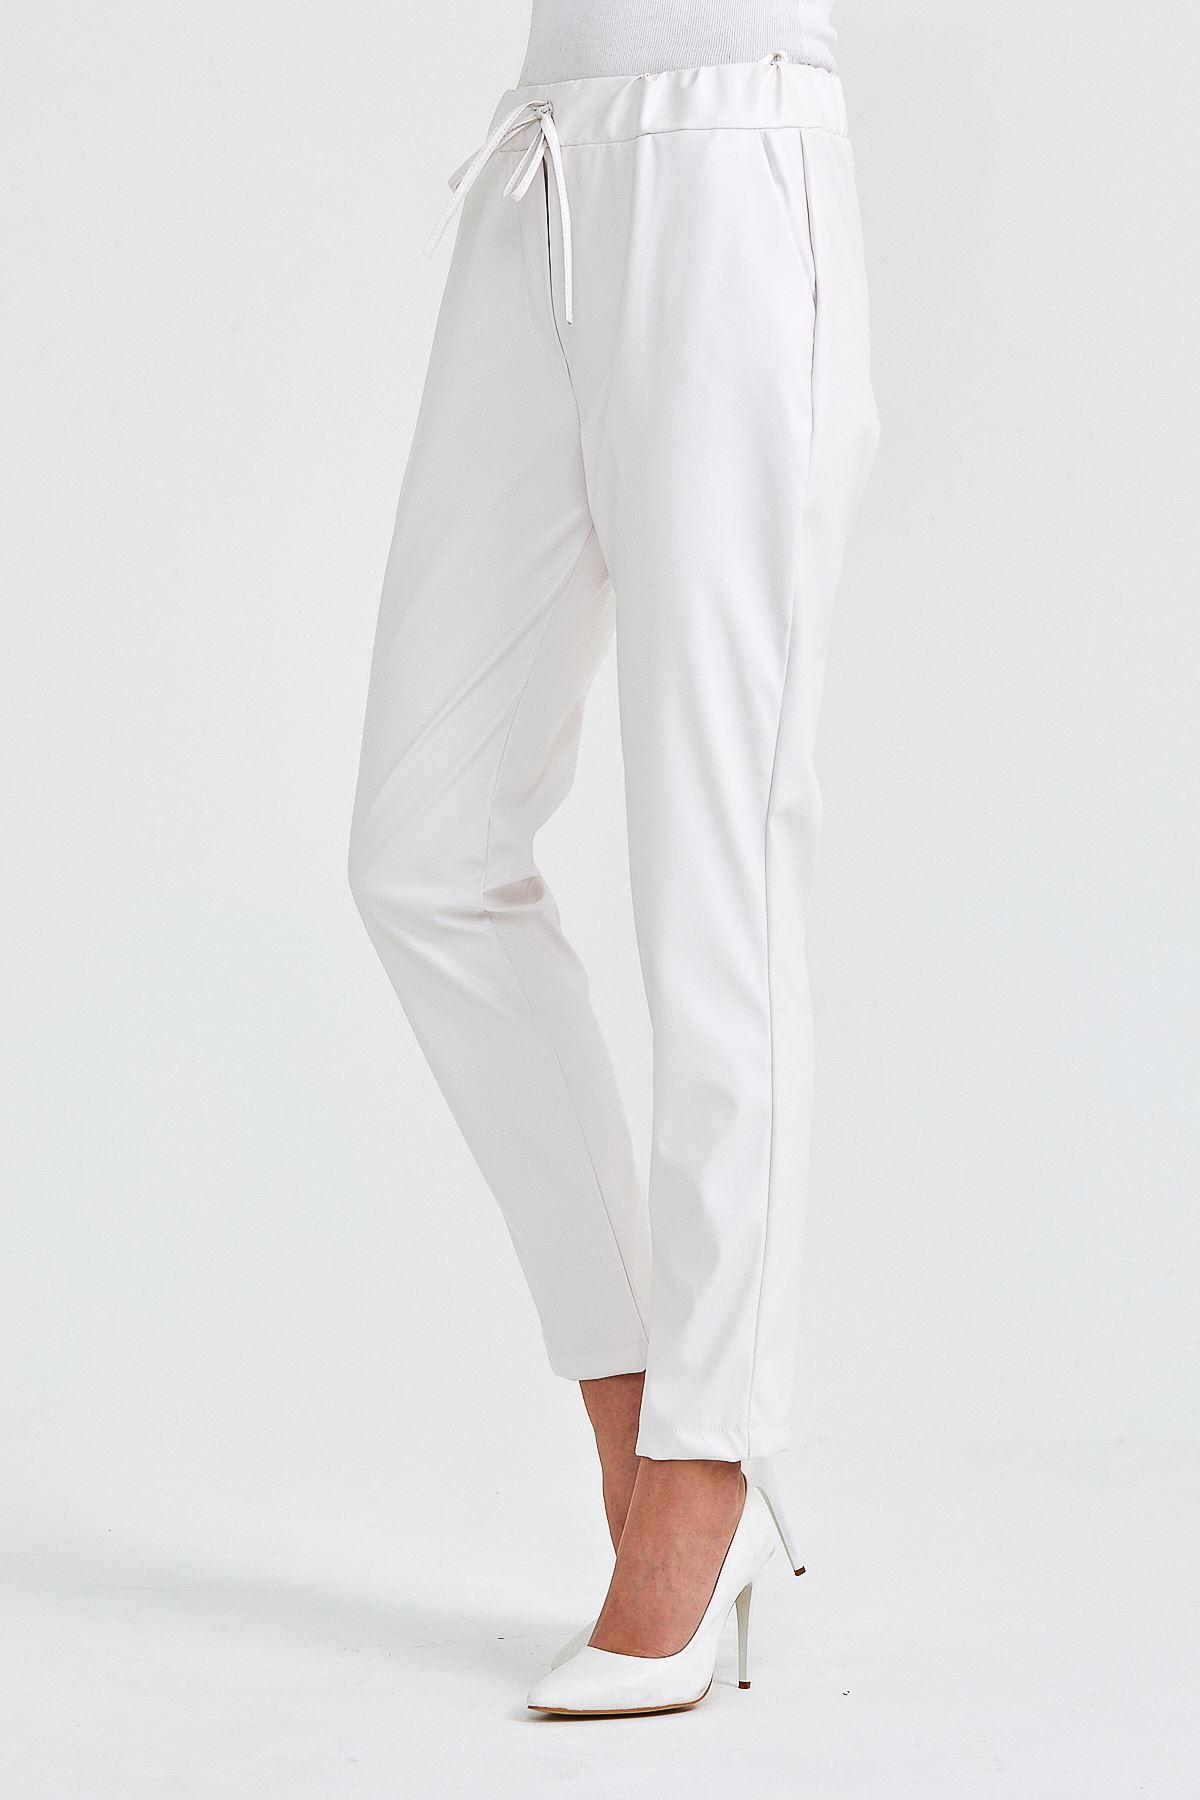 Kadın Bel Lastikli Beyaz Deri Pantolon